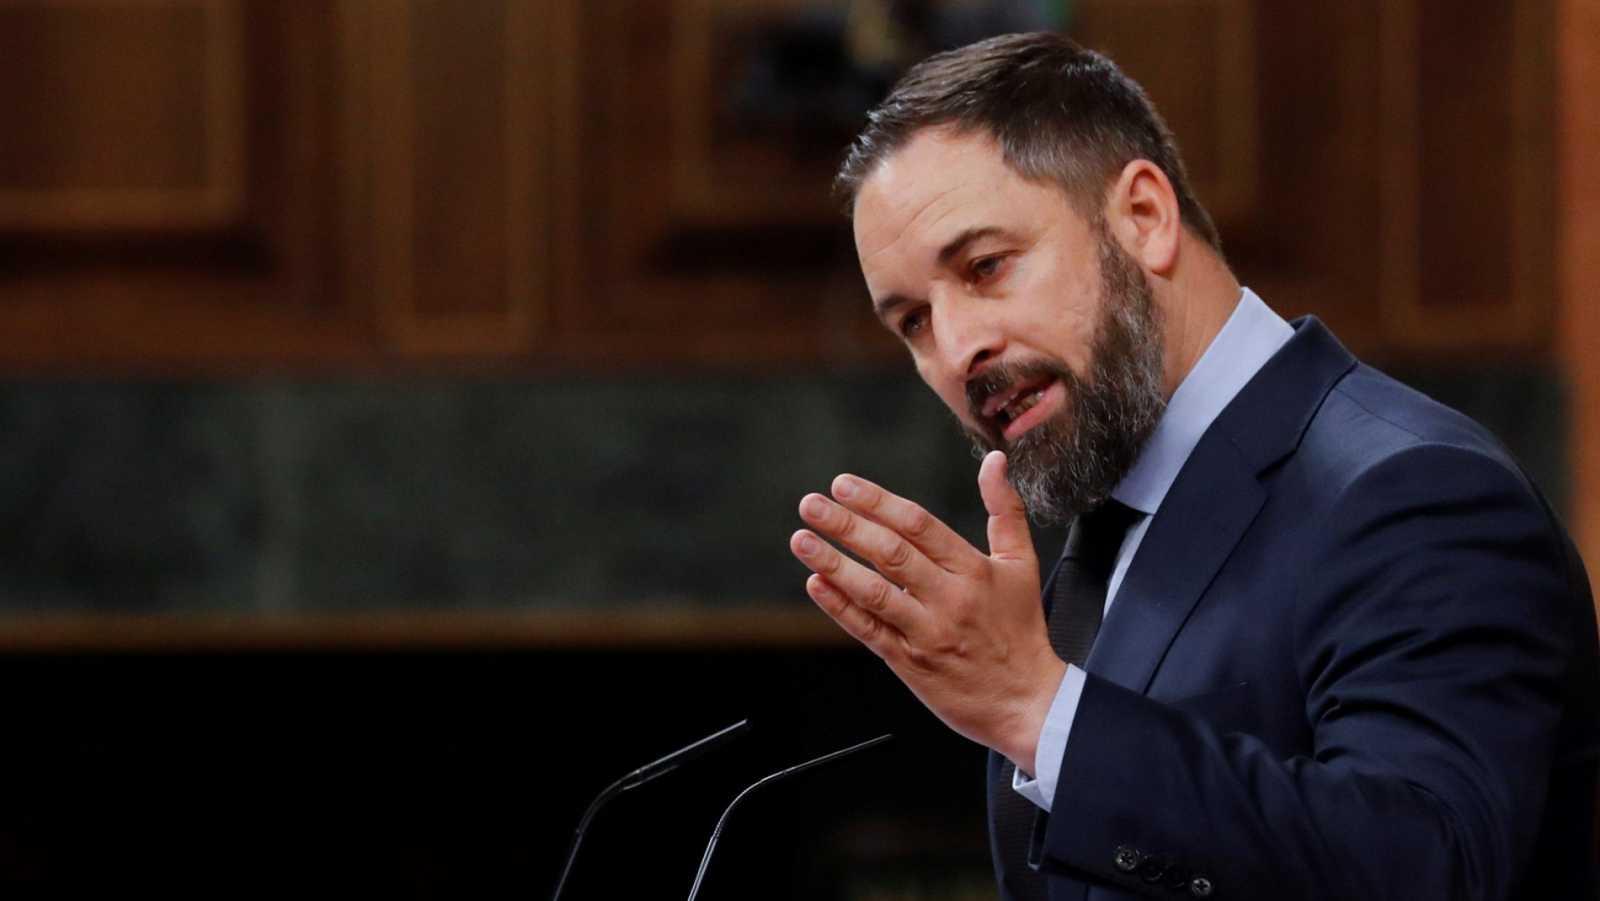 La oposición acusa al Gobierno de ocultar al Parlamento el acuerdo con Bildu para derogar la reforma laboral